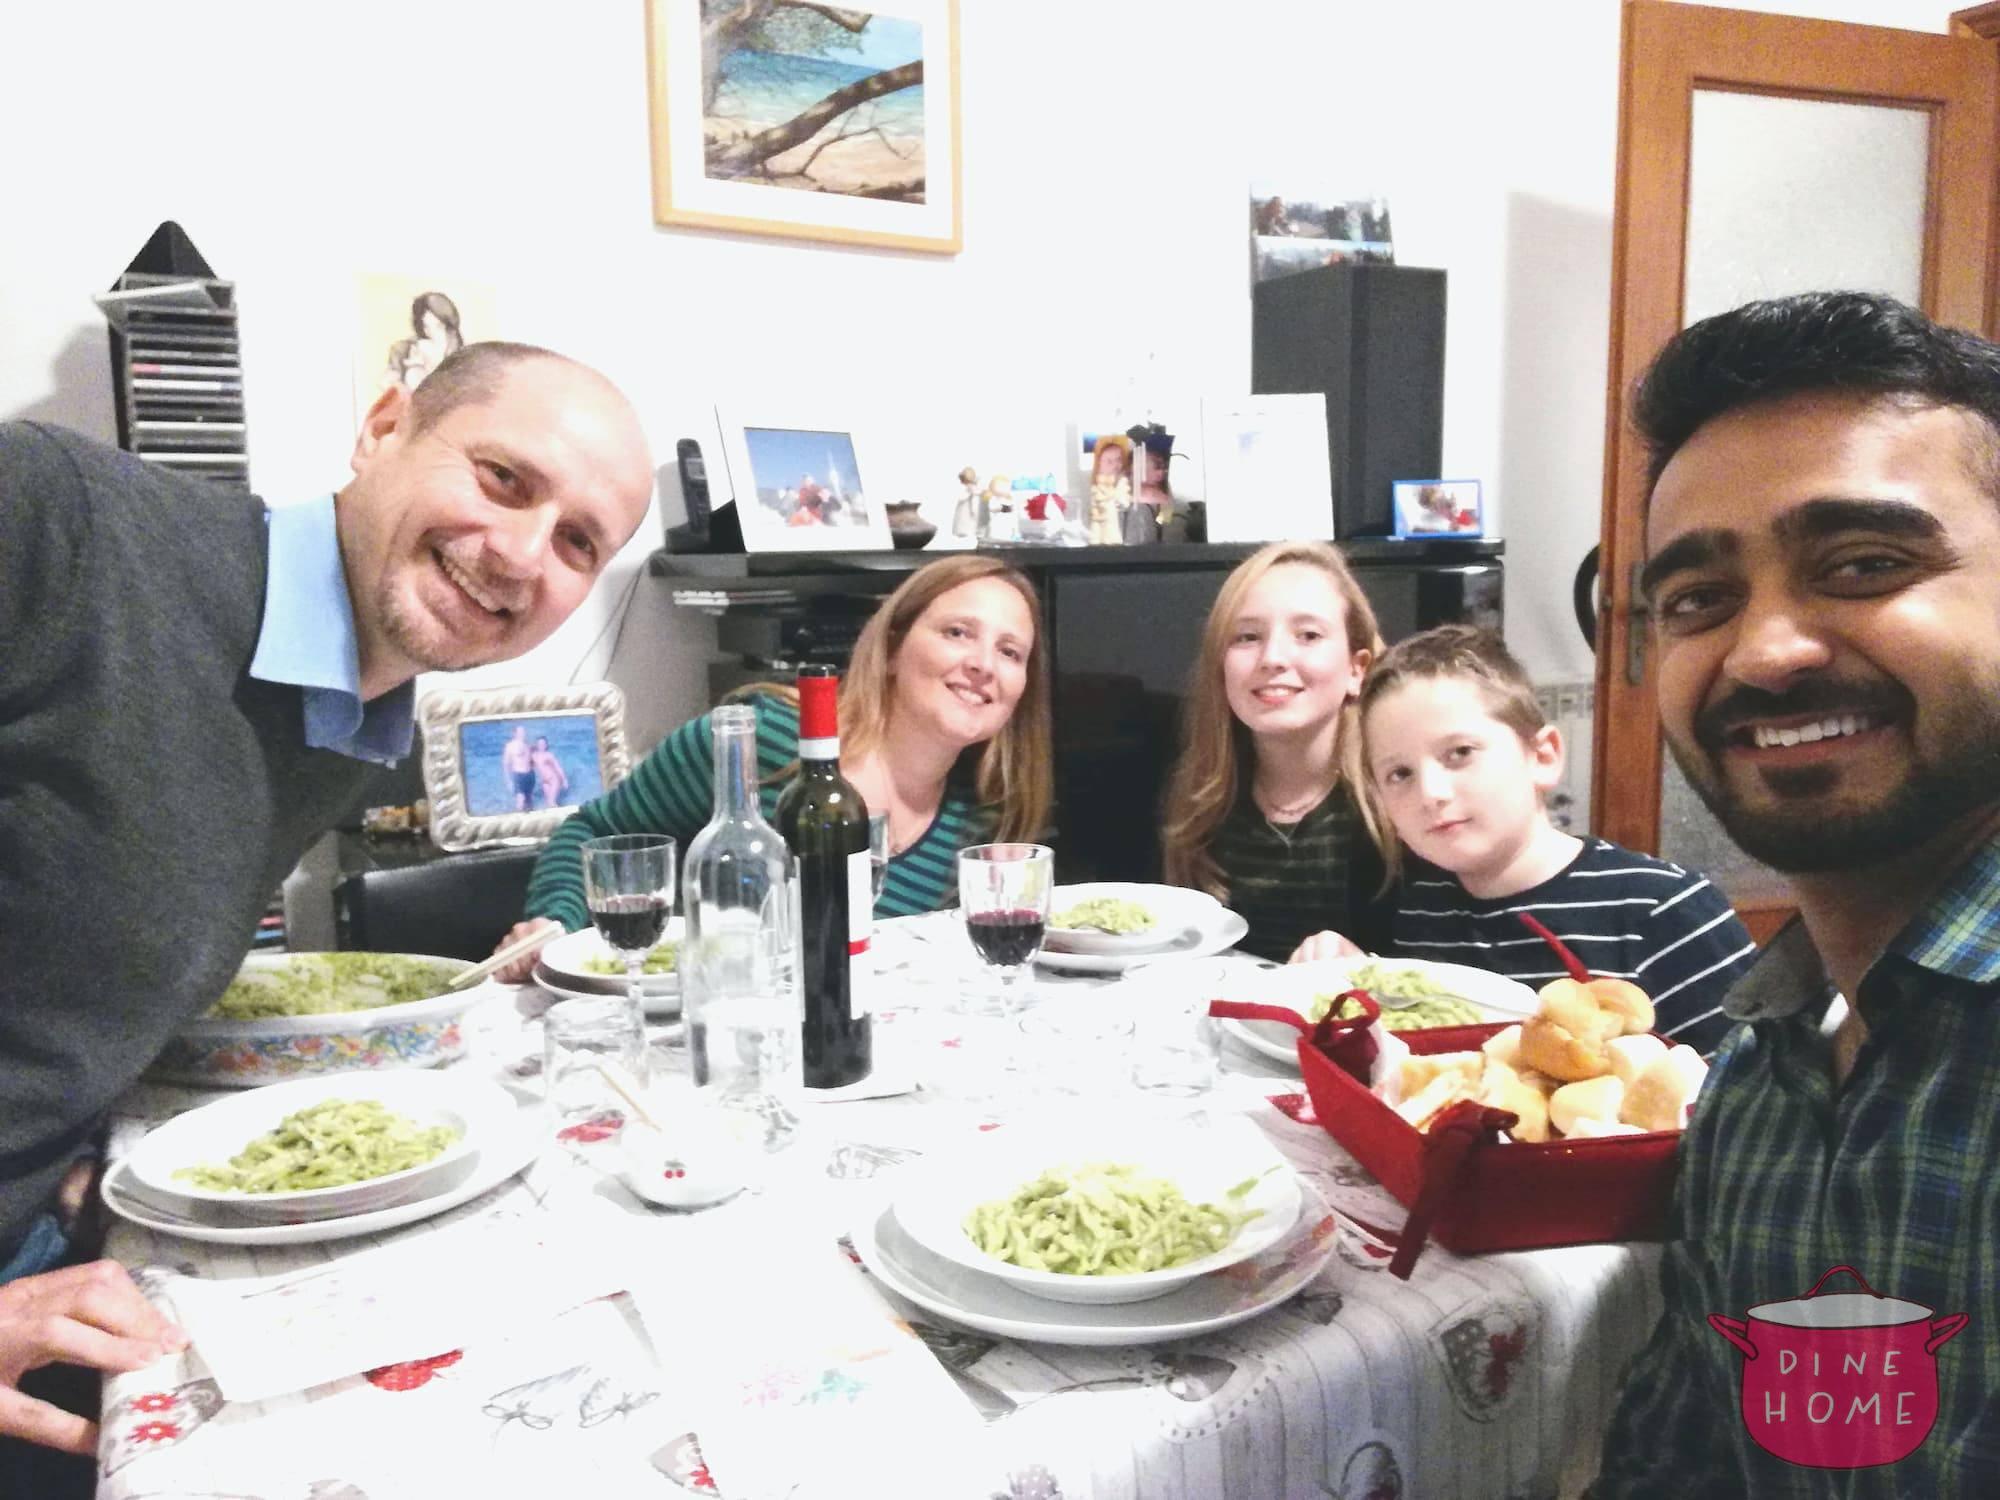 Rohit, studente pakistano, a cena dalla sua famiglia Dinehome.